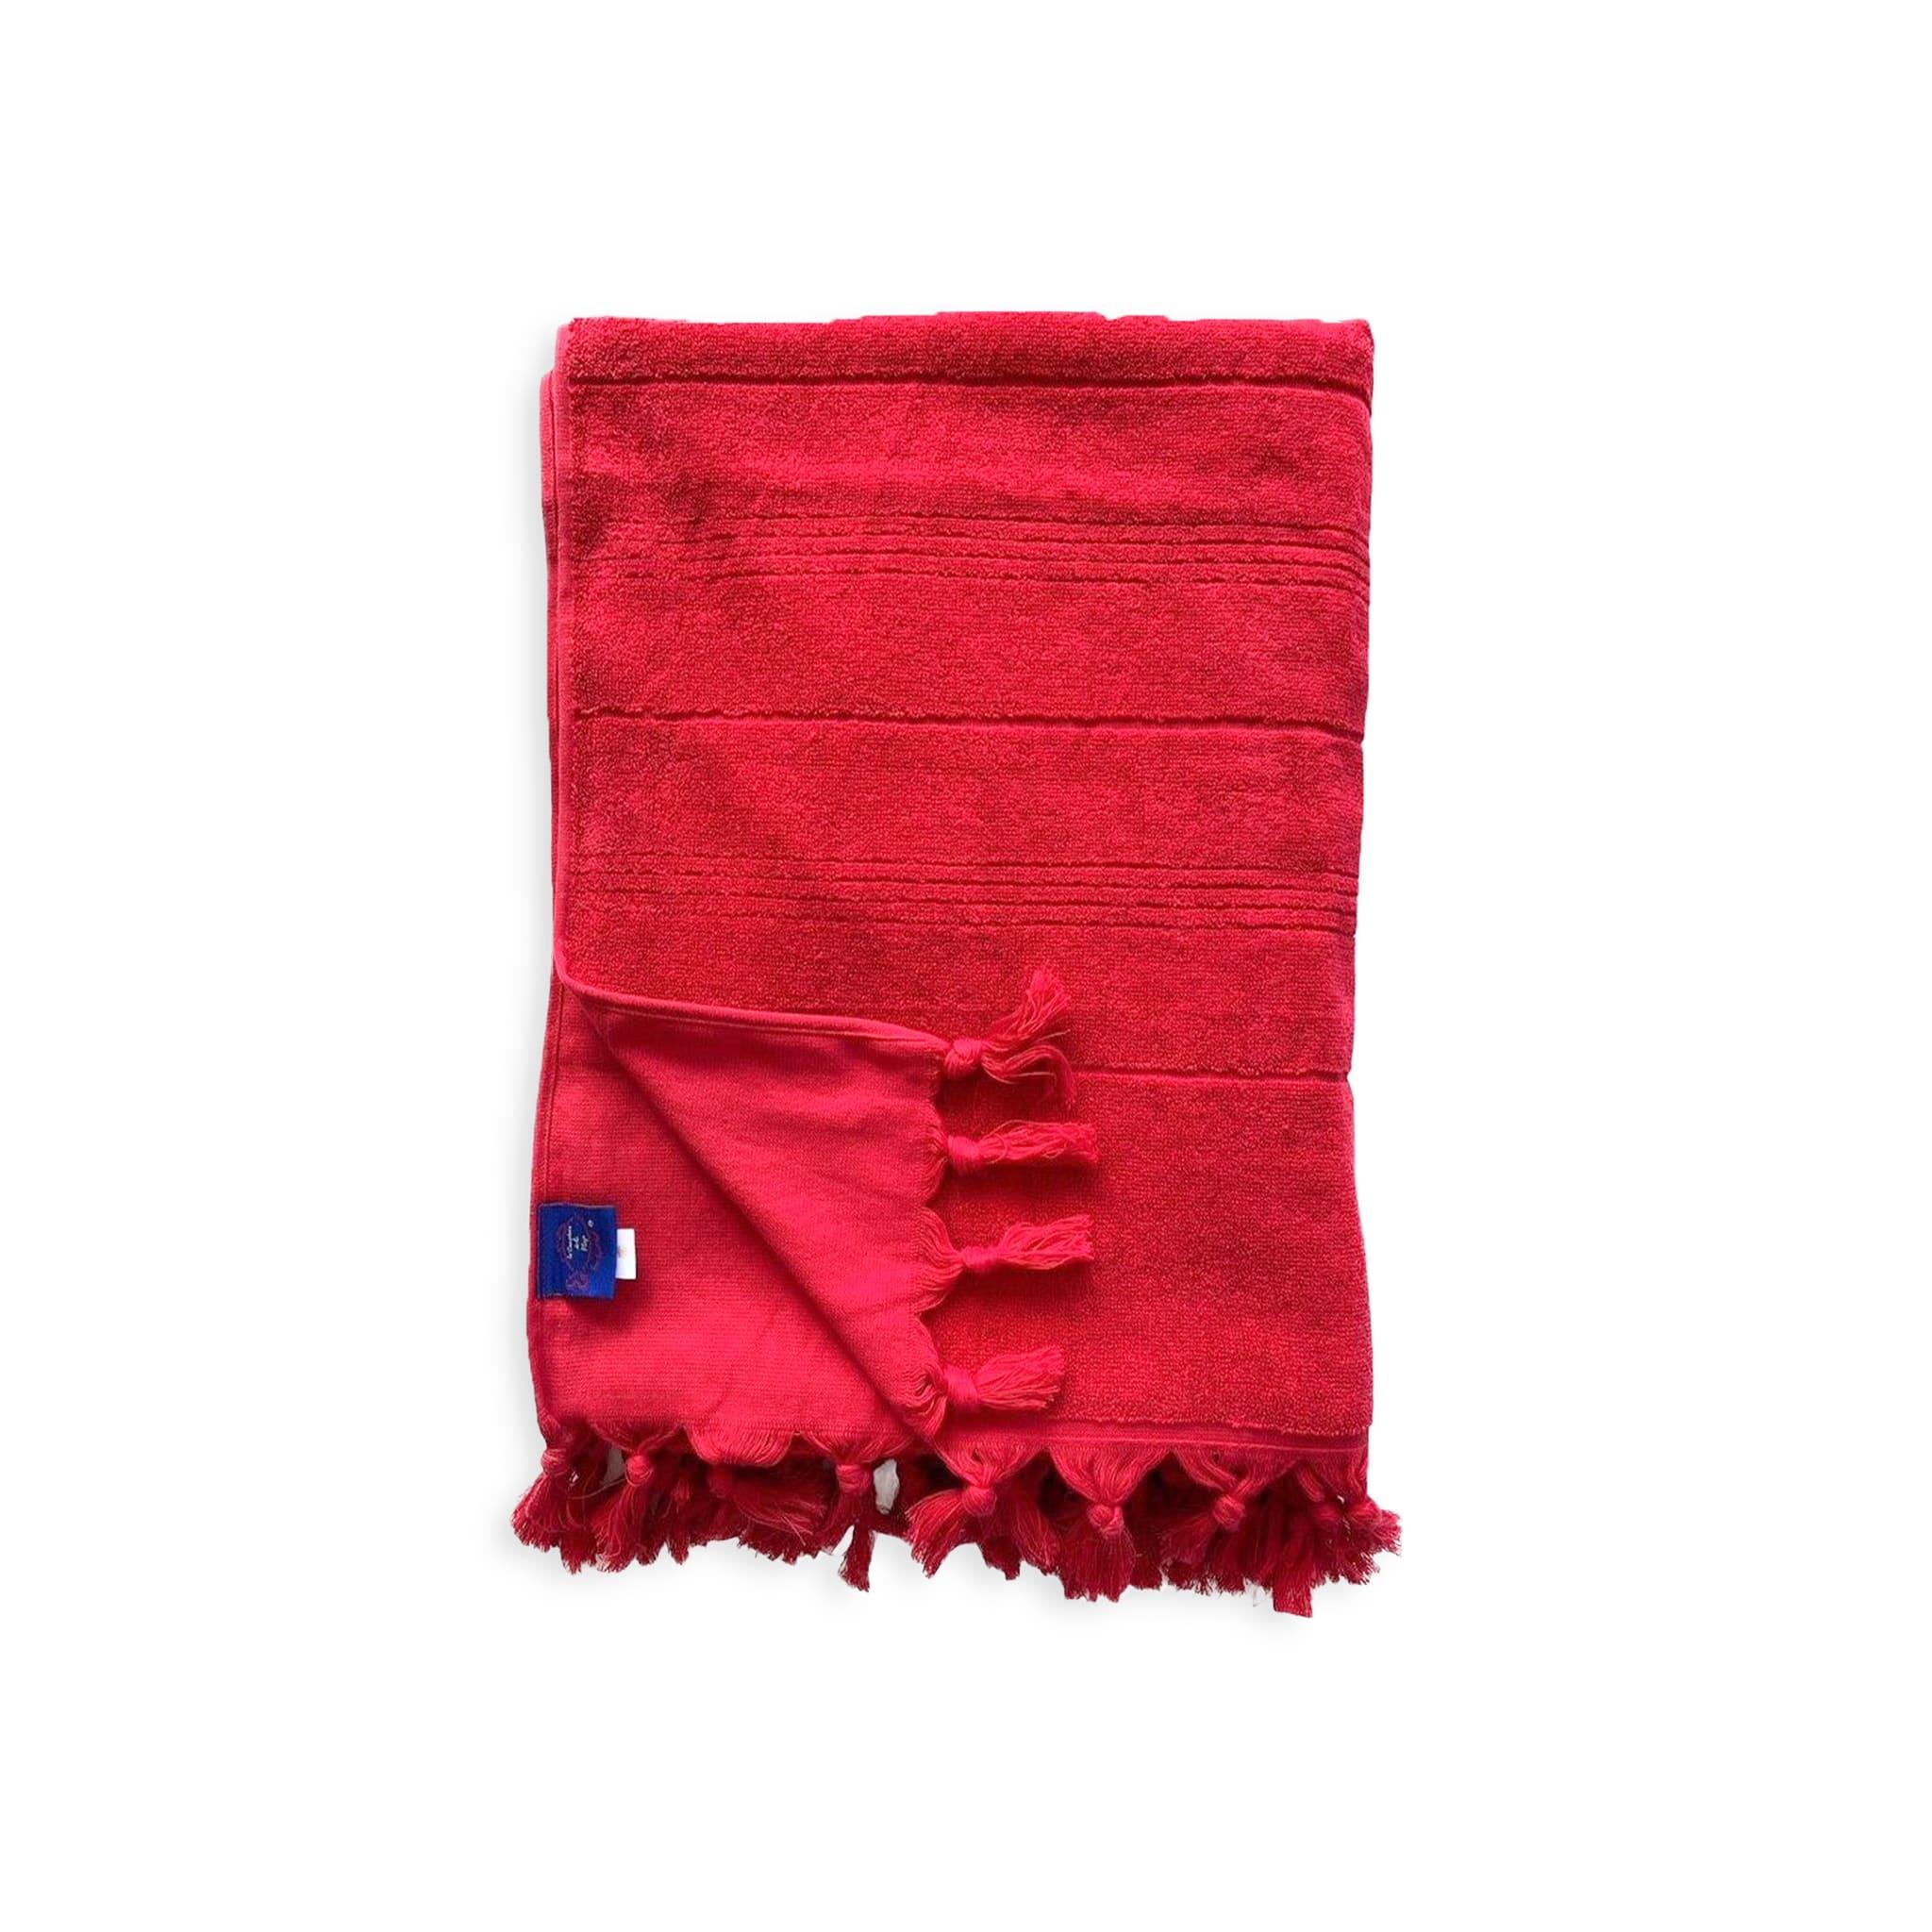 Fouta Hammam éponge bouclette rouge 150 x 180